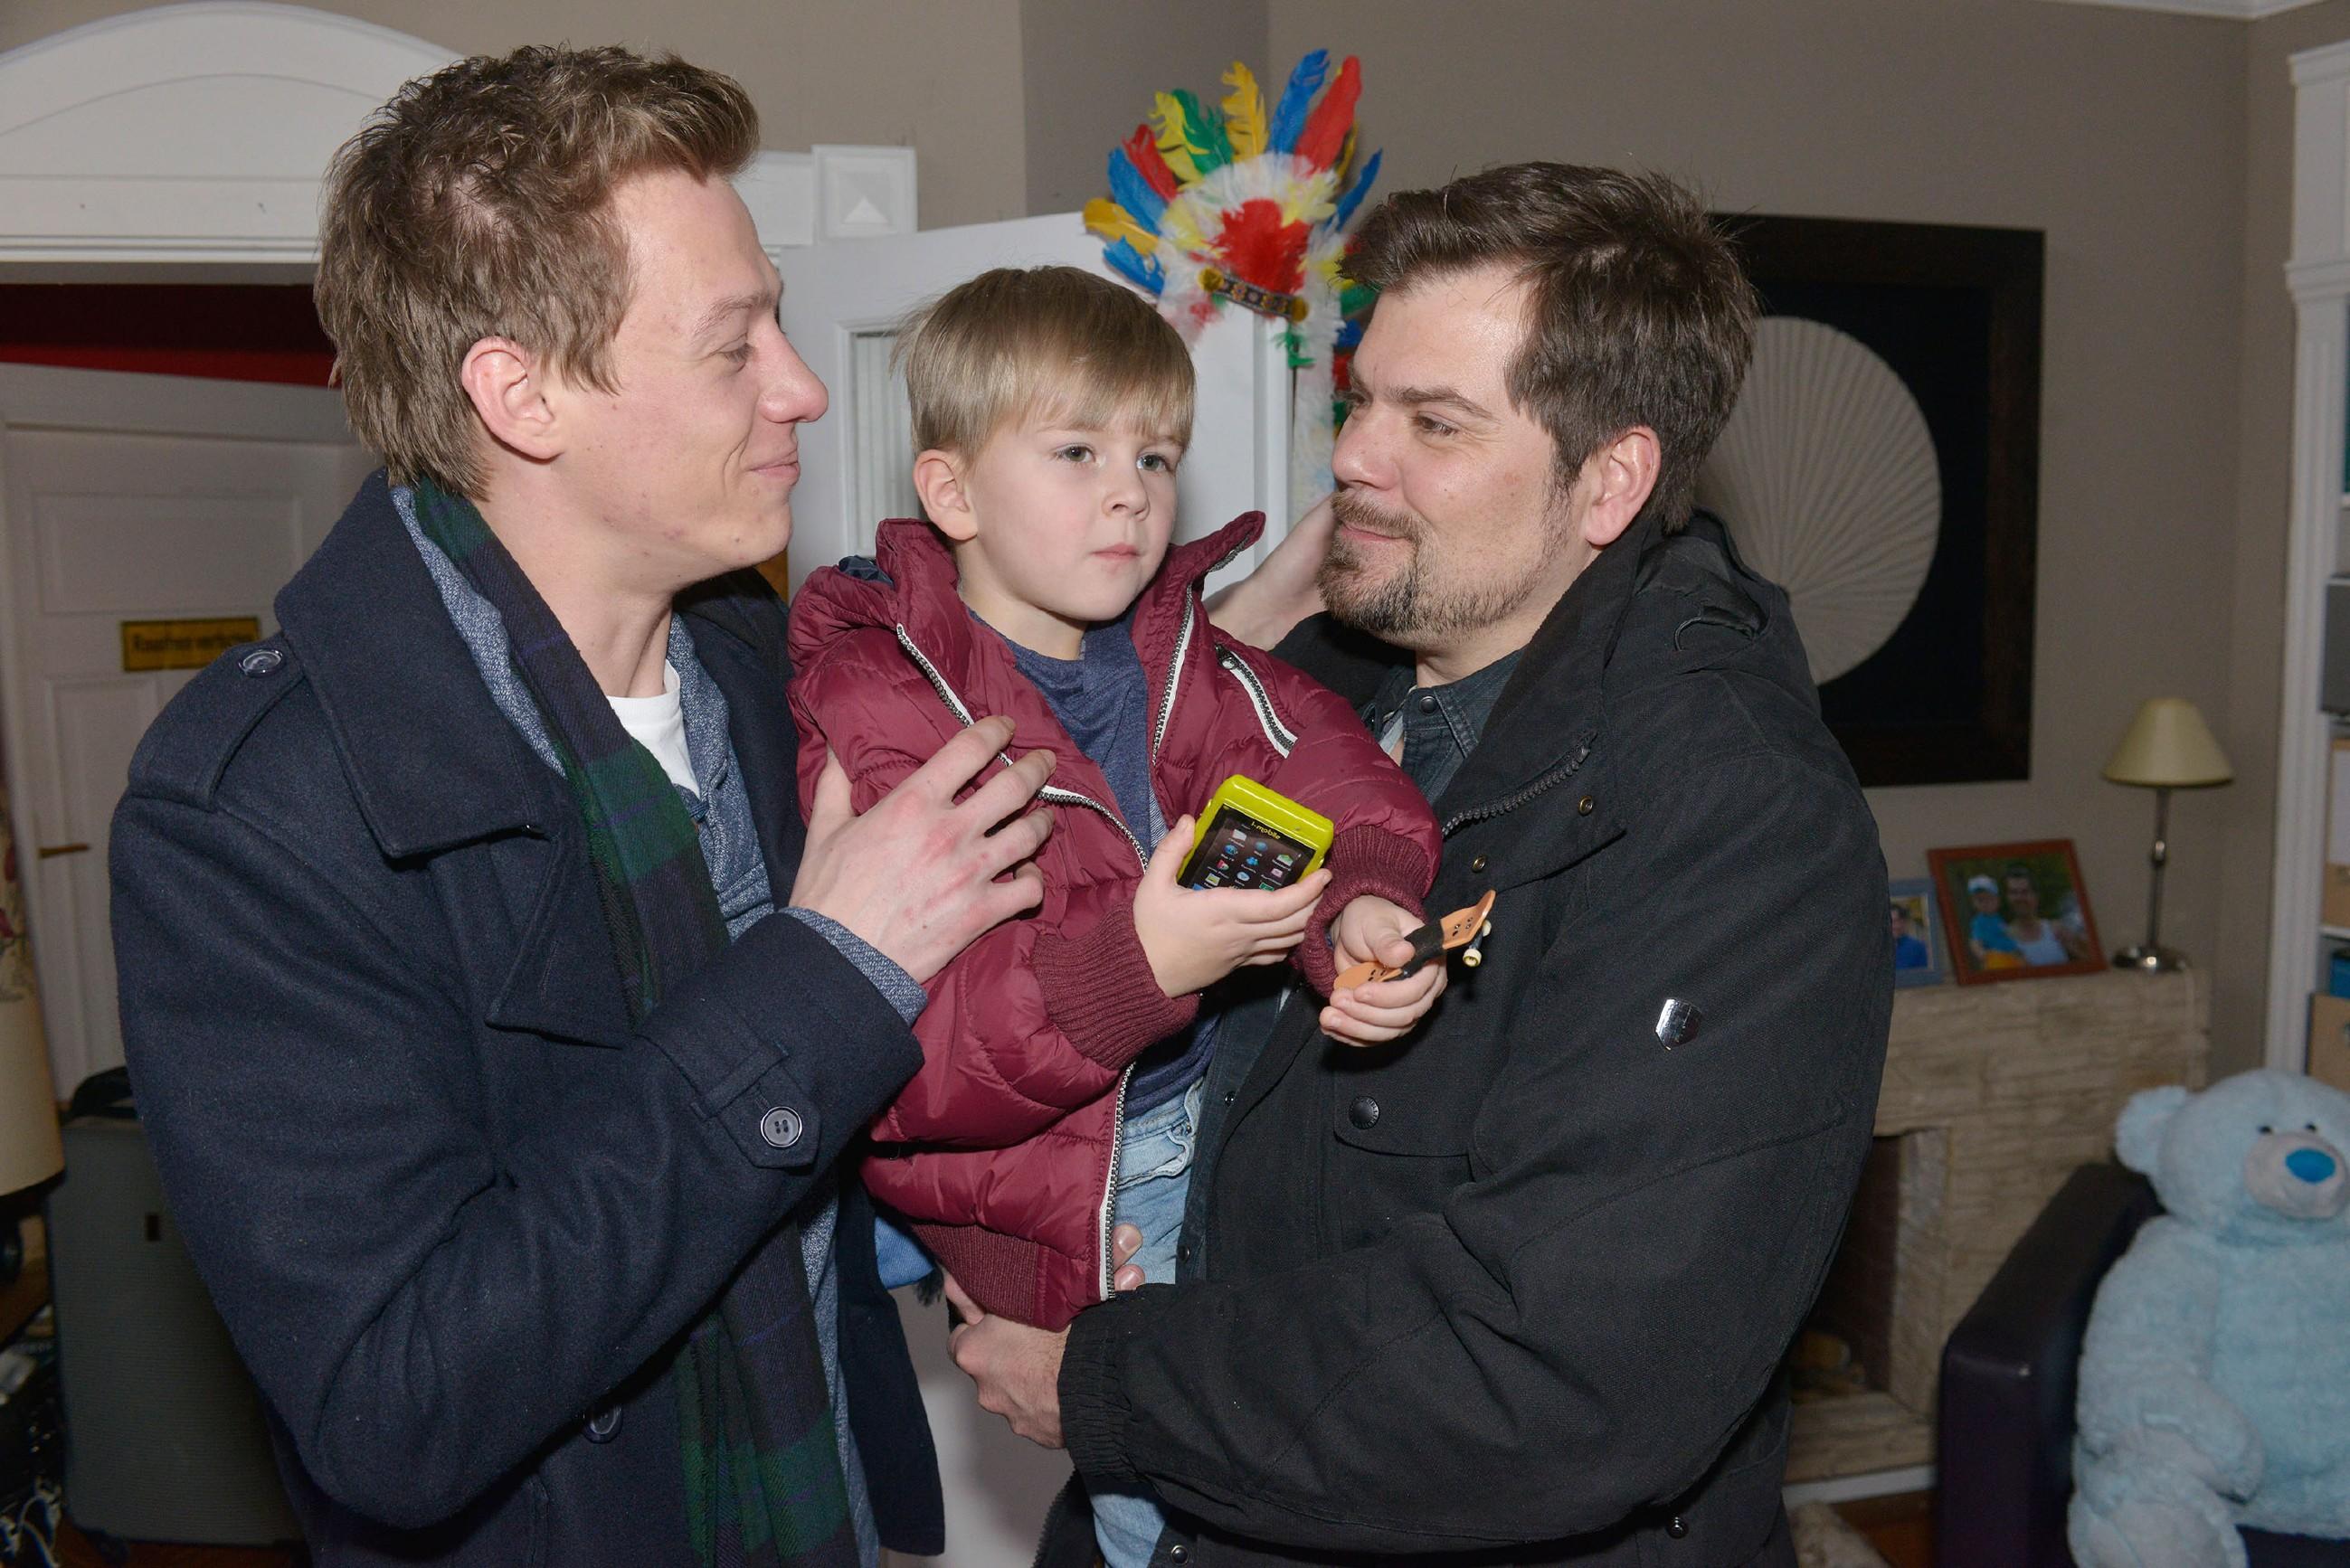 Leon (Daniel Fehlow, r.) freut sich, dass Vince (Vincent Krüger, l.) gekommen ist, um ihn und Oscar vor ihrer Abreise zu verabschieden.